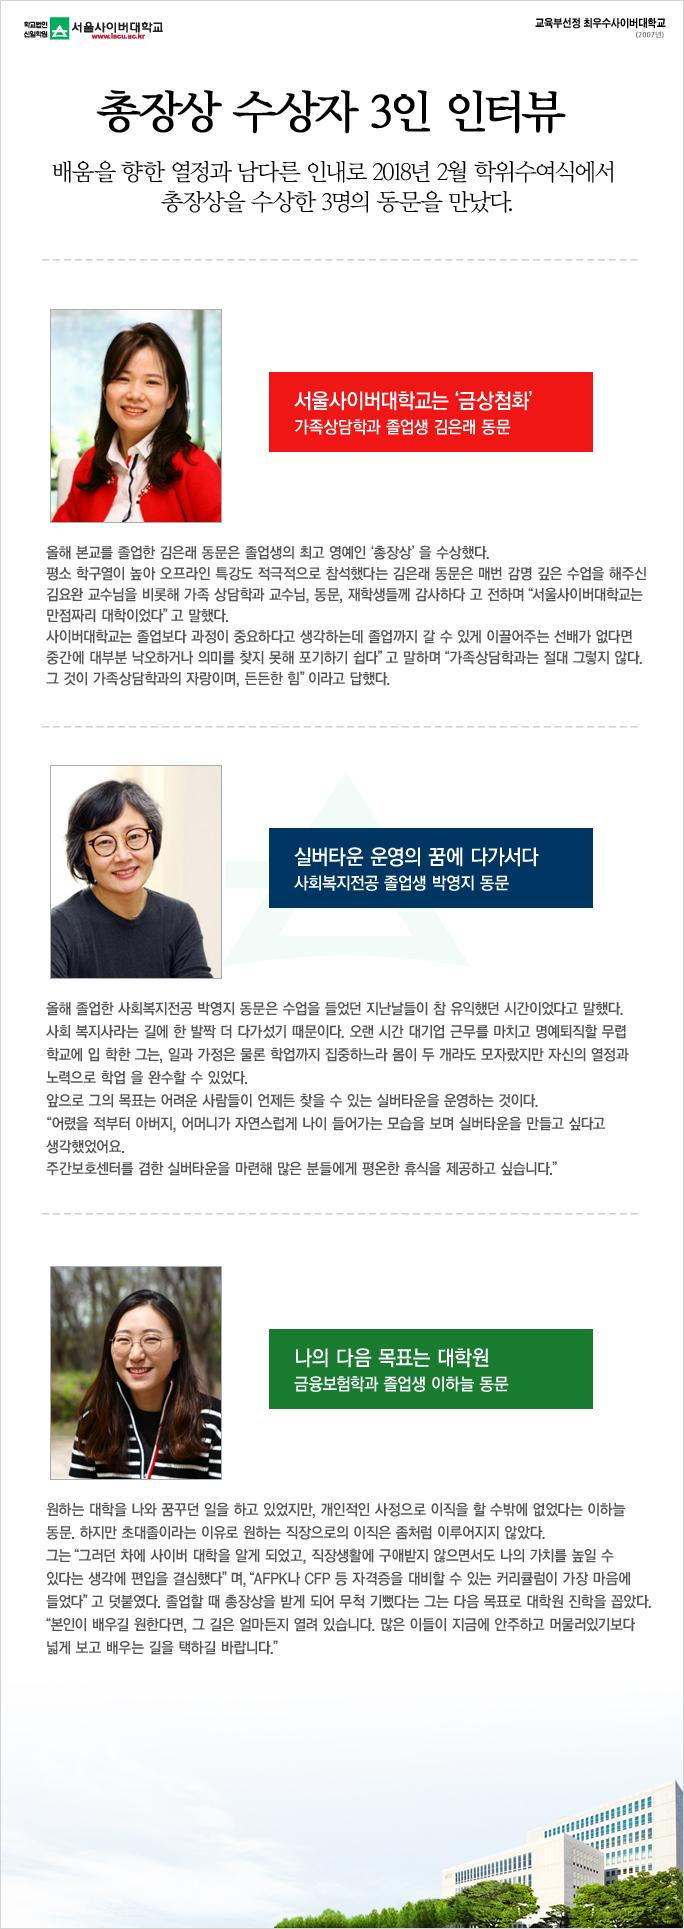 총장상 수상자 3인 인터뷰